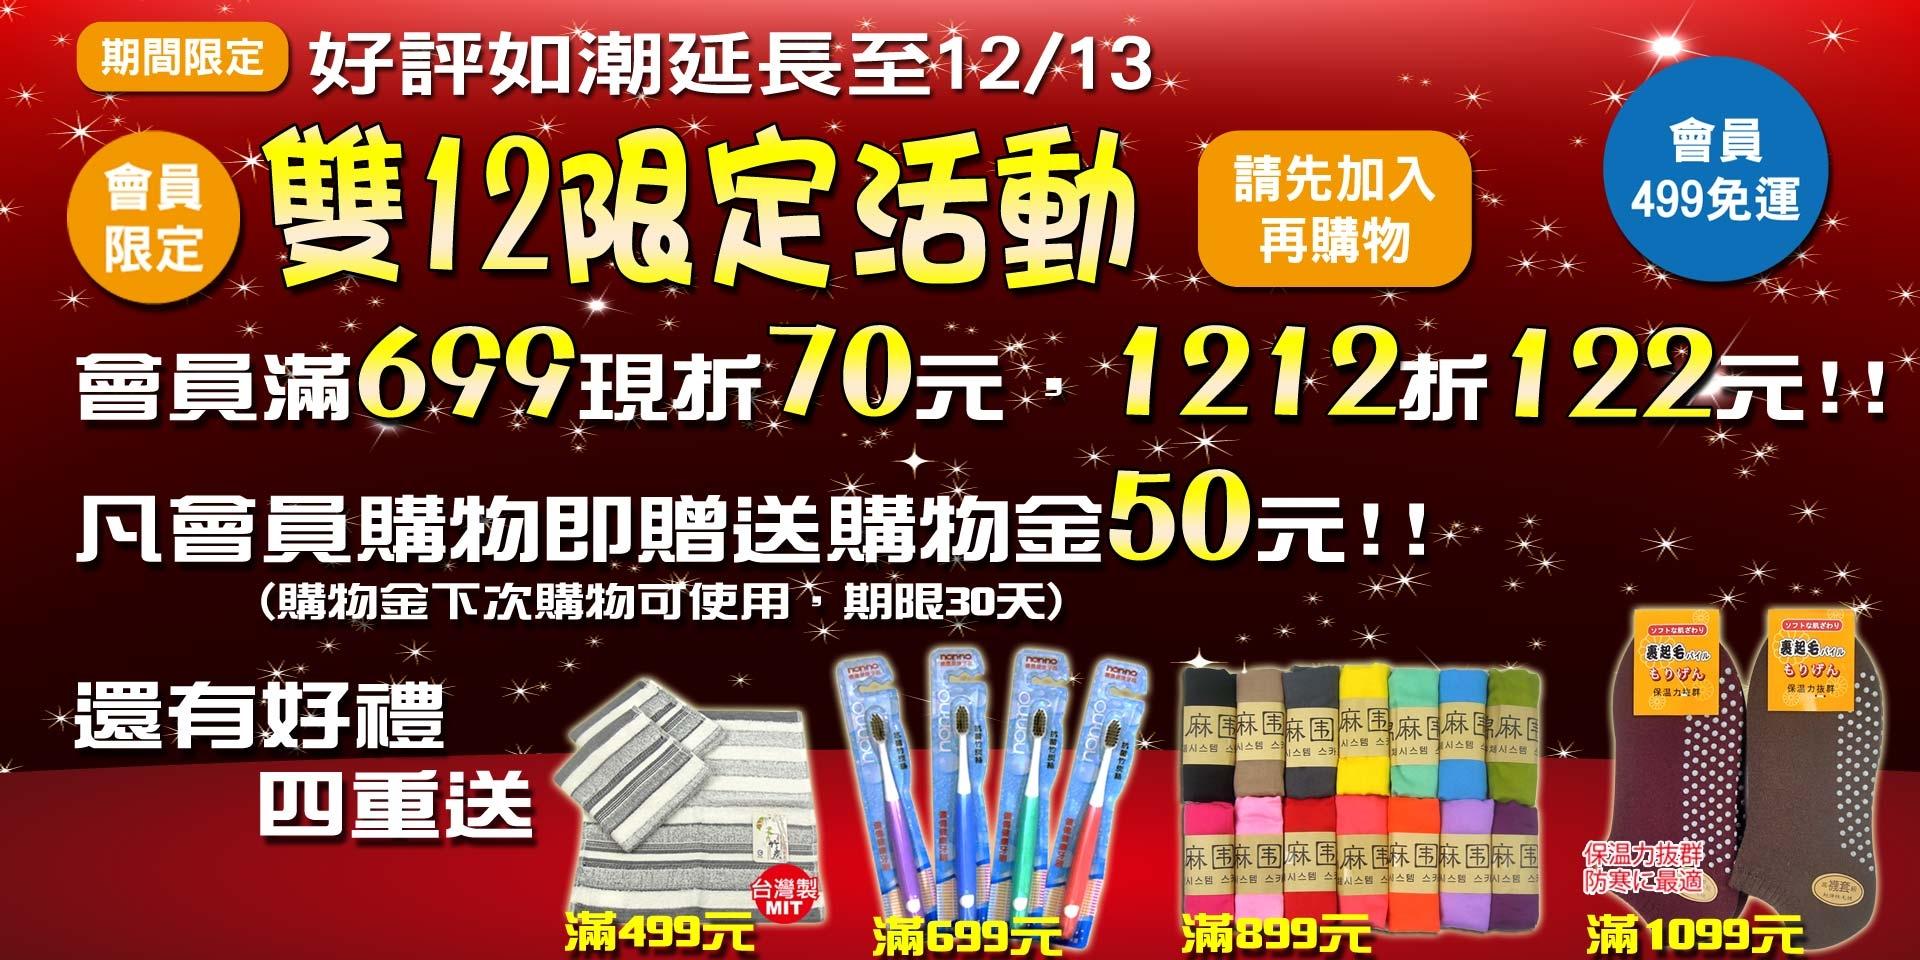 慶雙12~會員滿499免運、滿699現折70、滿1212現折122元 (12/13截止)